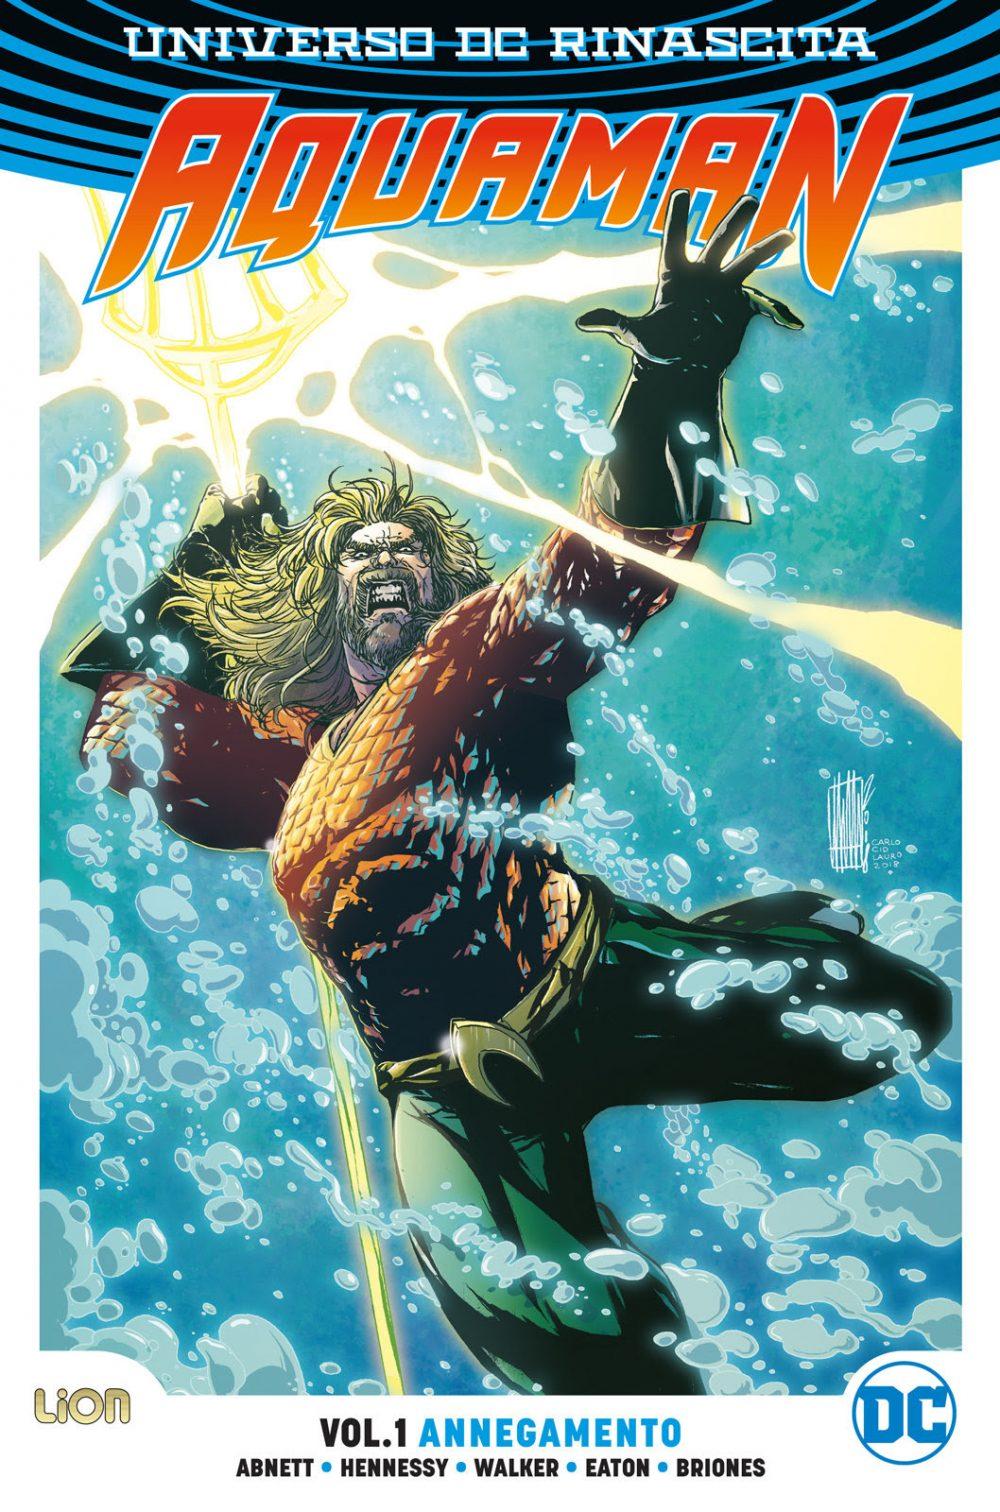 Aquaman vol. 1: Annegamento, copertina di Alessandro Vitti